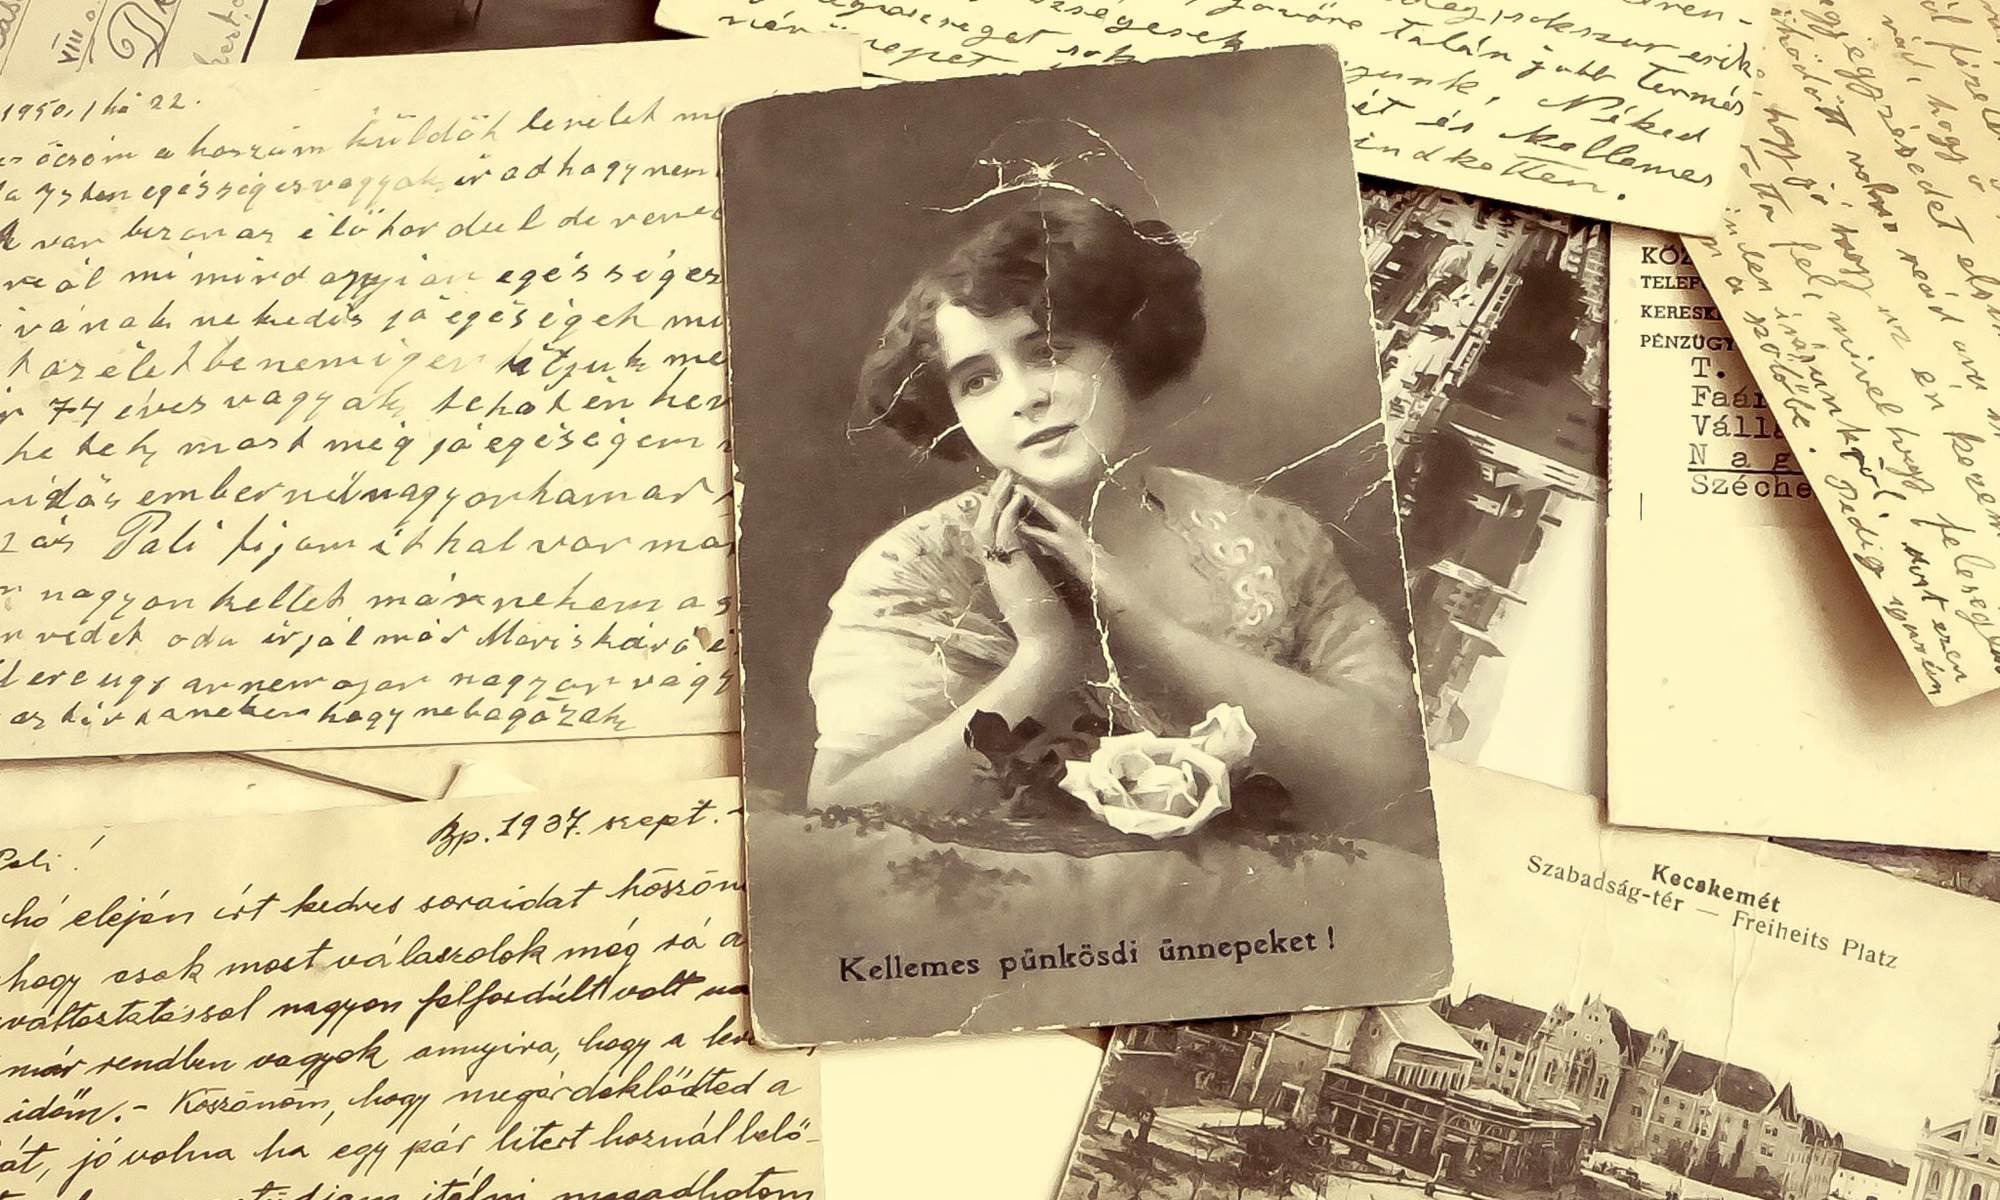 SCHREIBEN in BERLIN | Geschenke und Nutzen des Schreibens